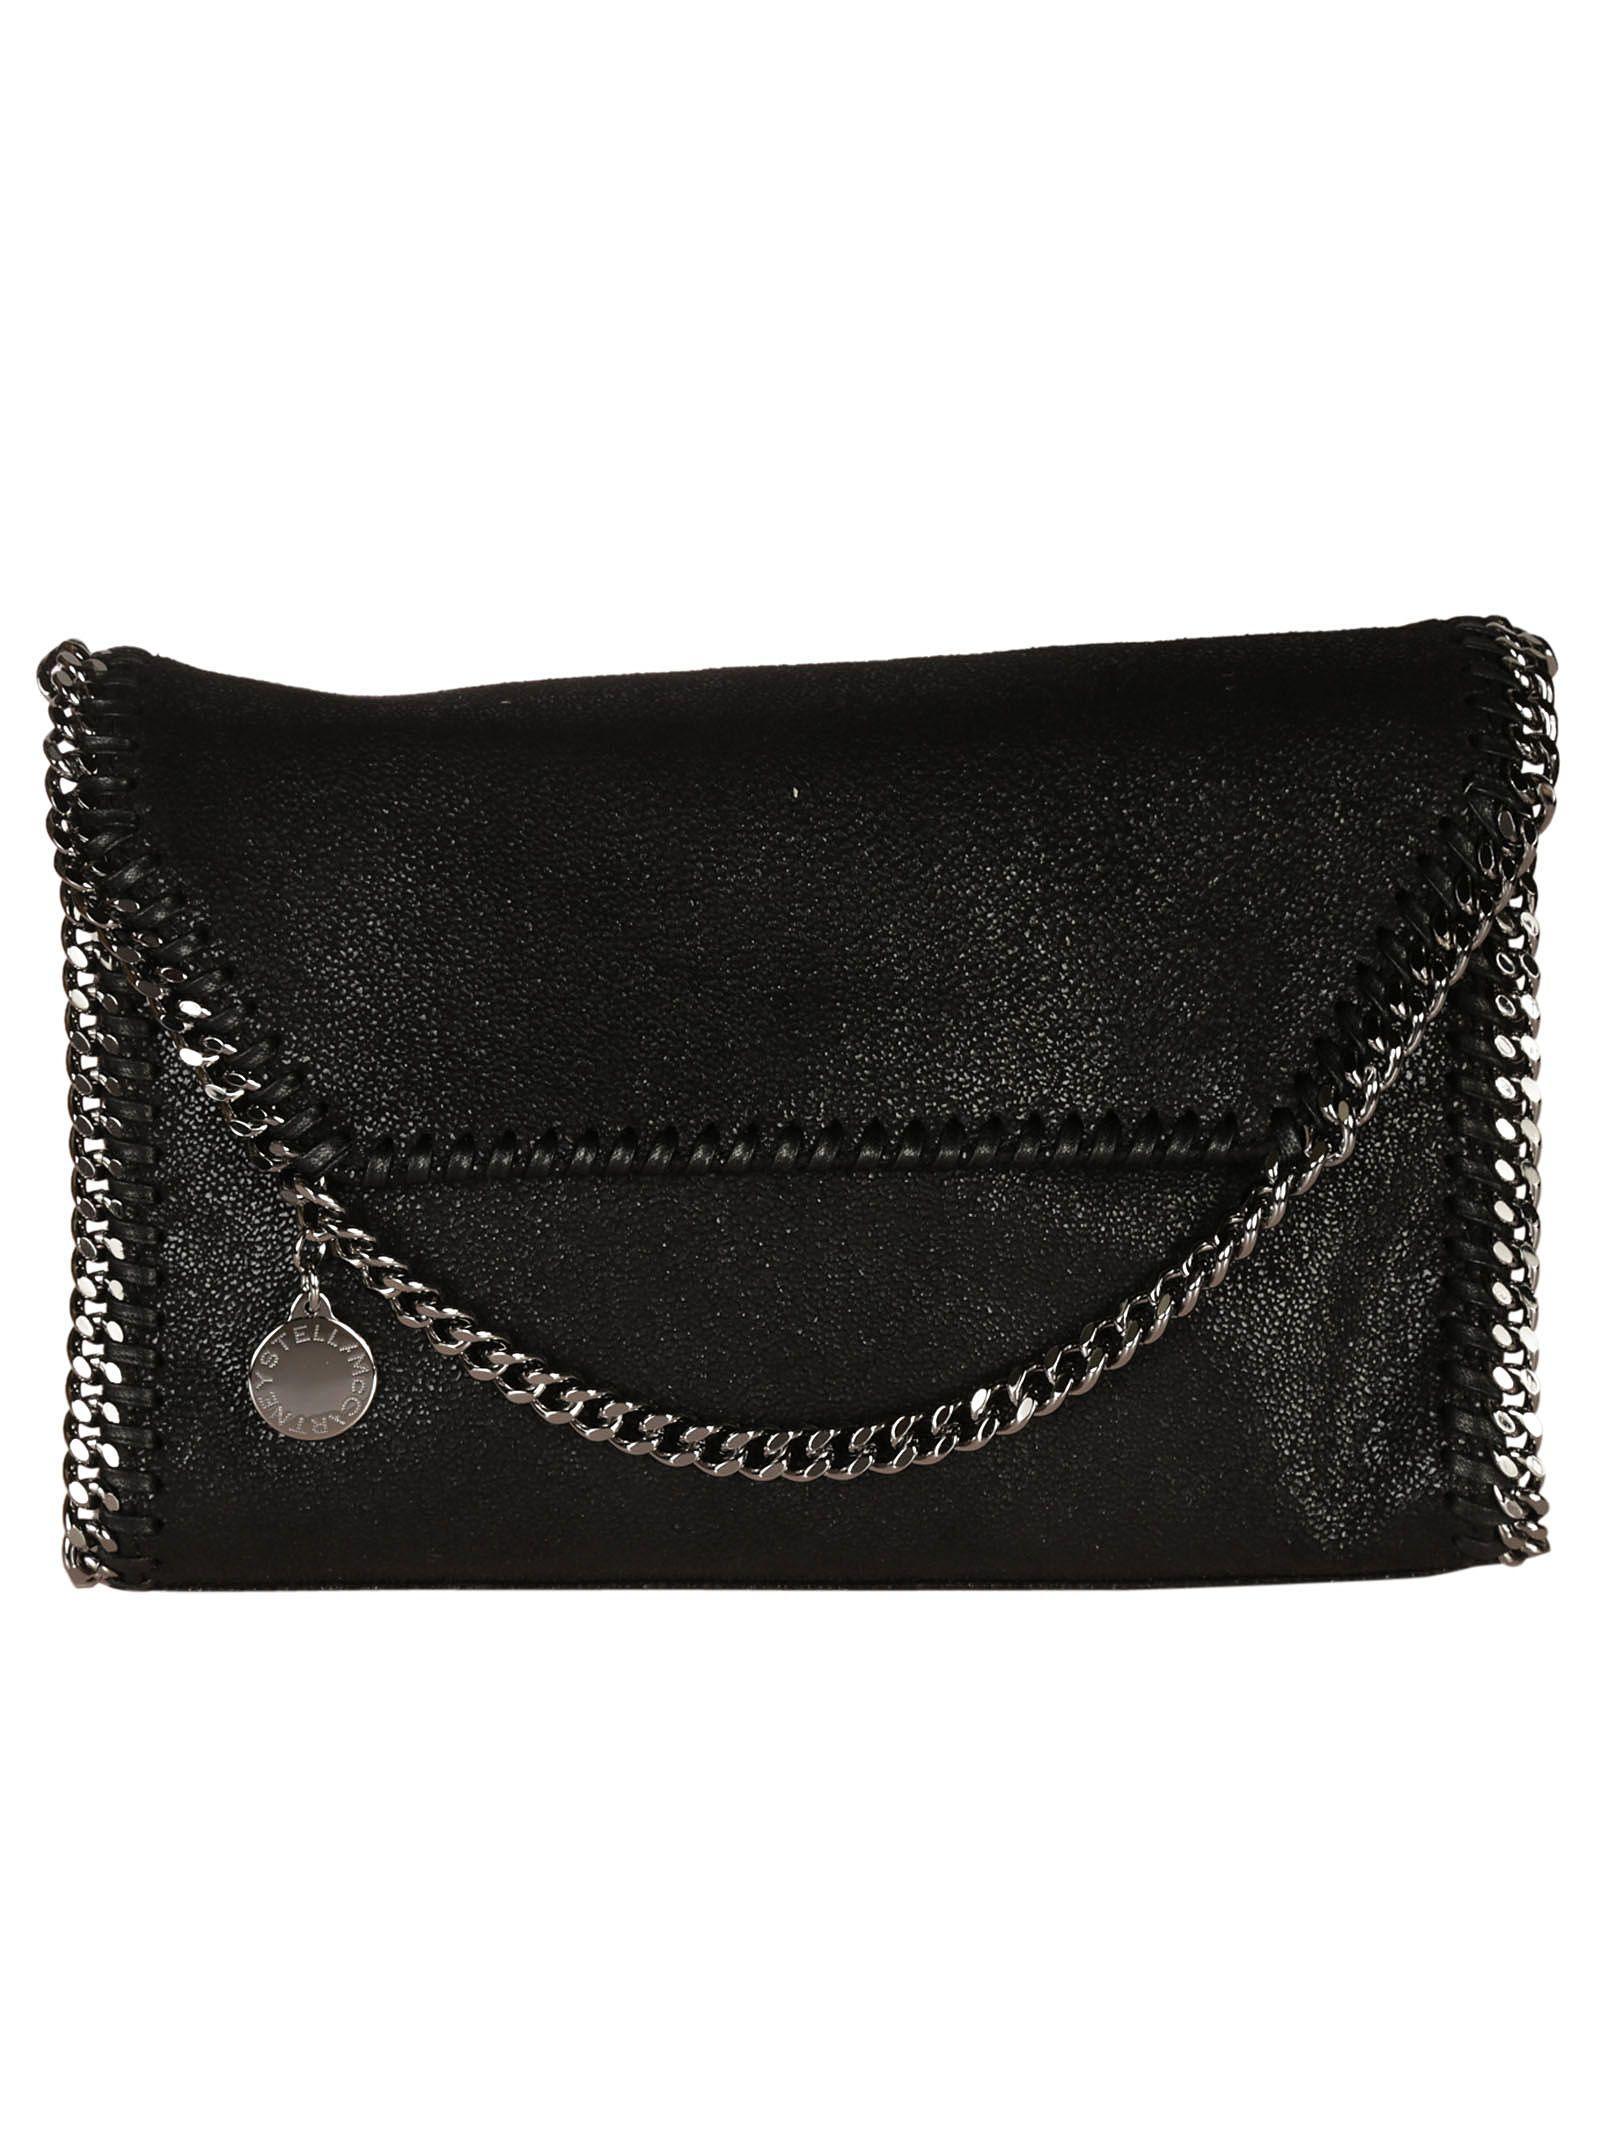 24fc0aeb56f3 Stella Mccartney  Mini Falabella - Shaggy Deer  Faux Leather Crossbody Bag  - Black